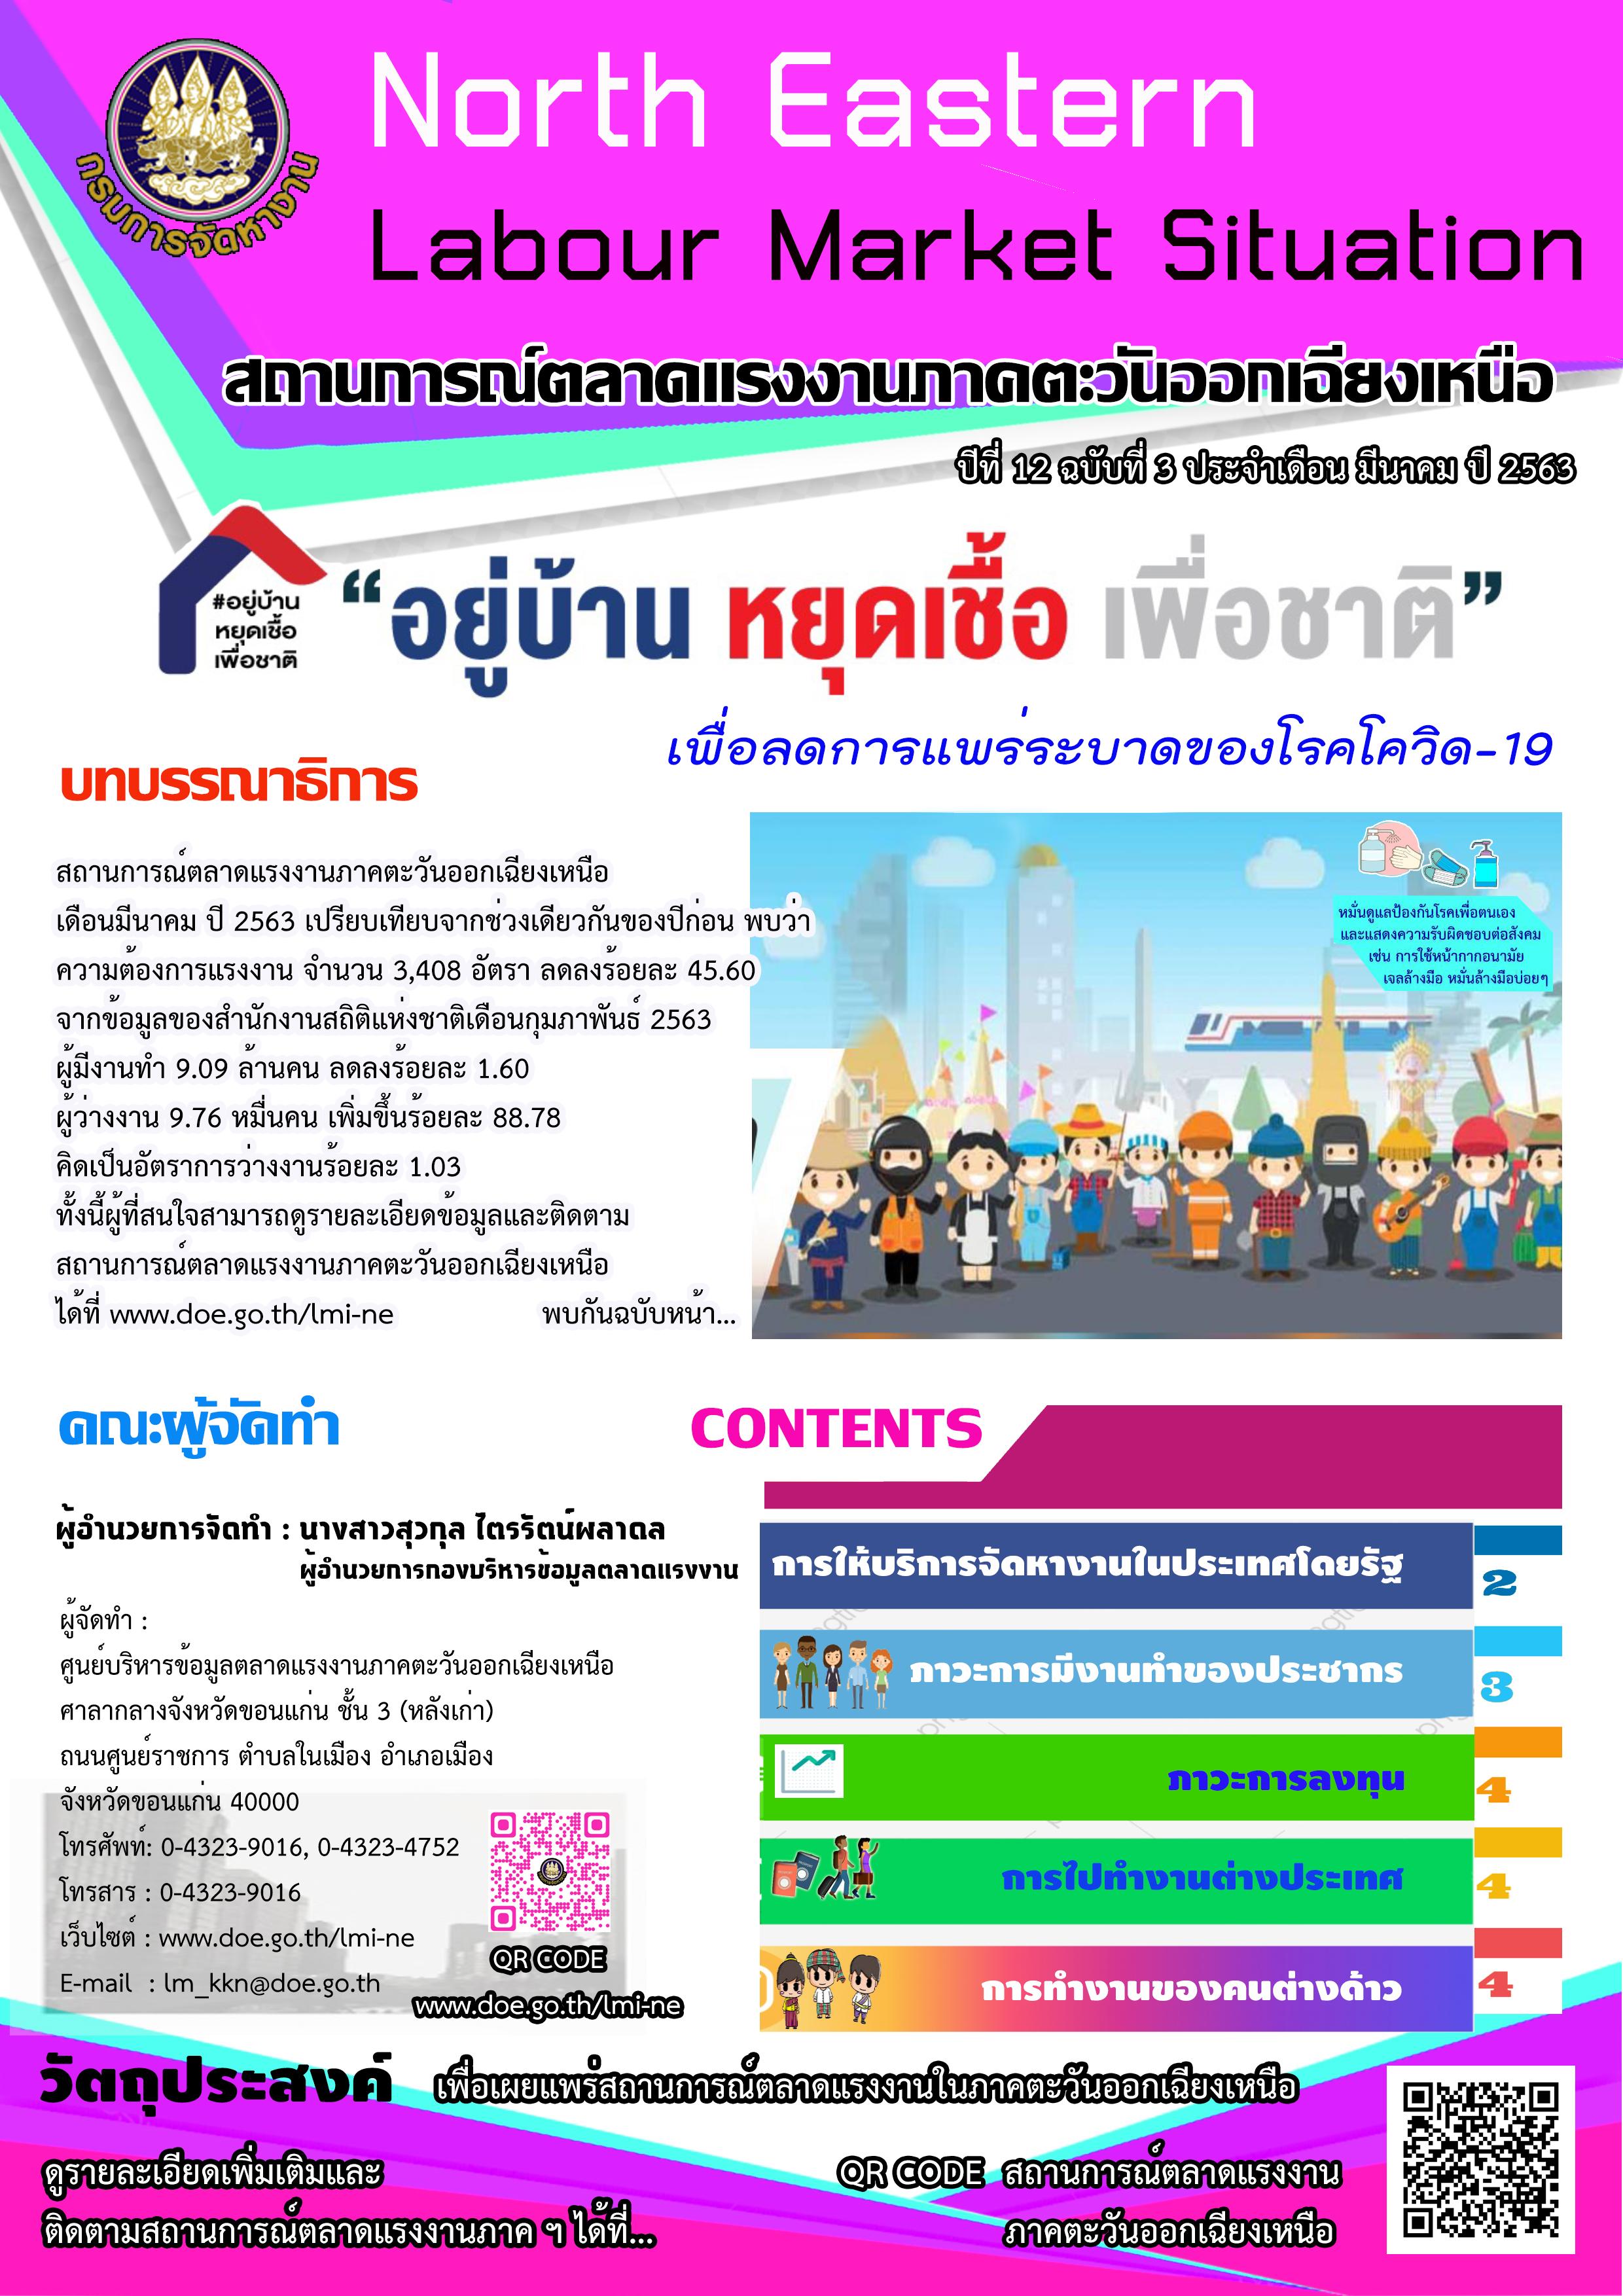 สถานการณ์ตลาดแรงงานภาค ฯ เดือนมีนาคม 2563 Infographic